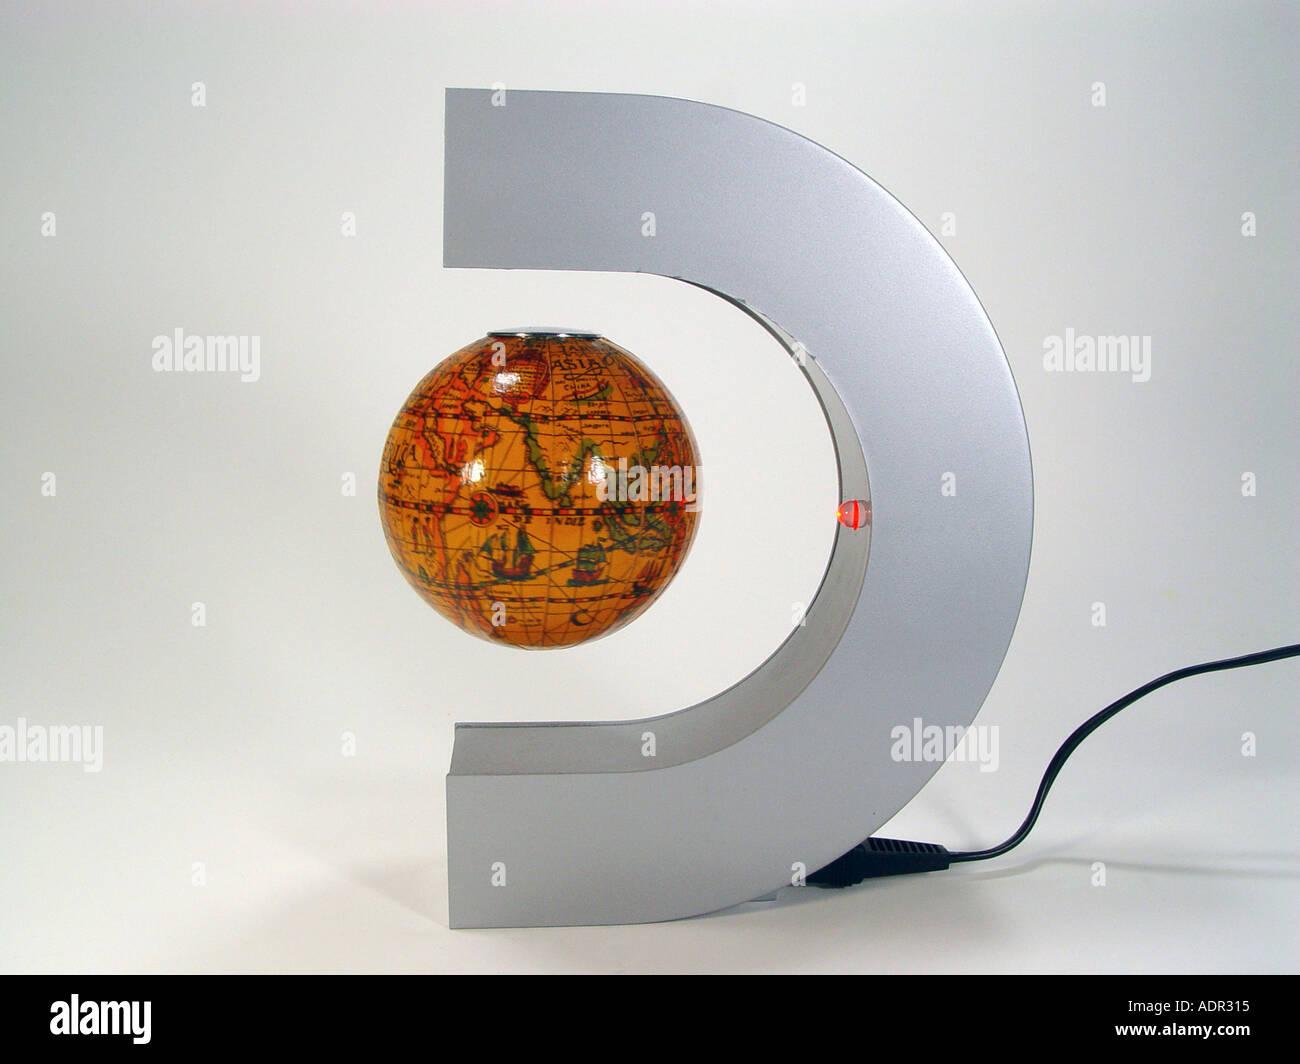 schwebende magnet kugel als symbol für physikalische effekte und